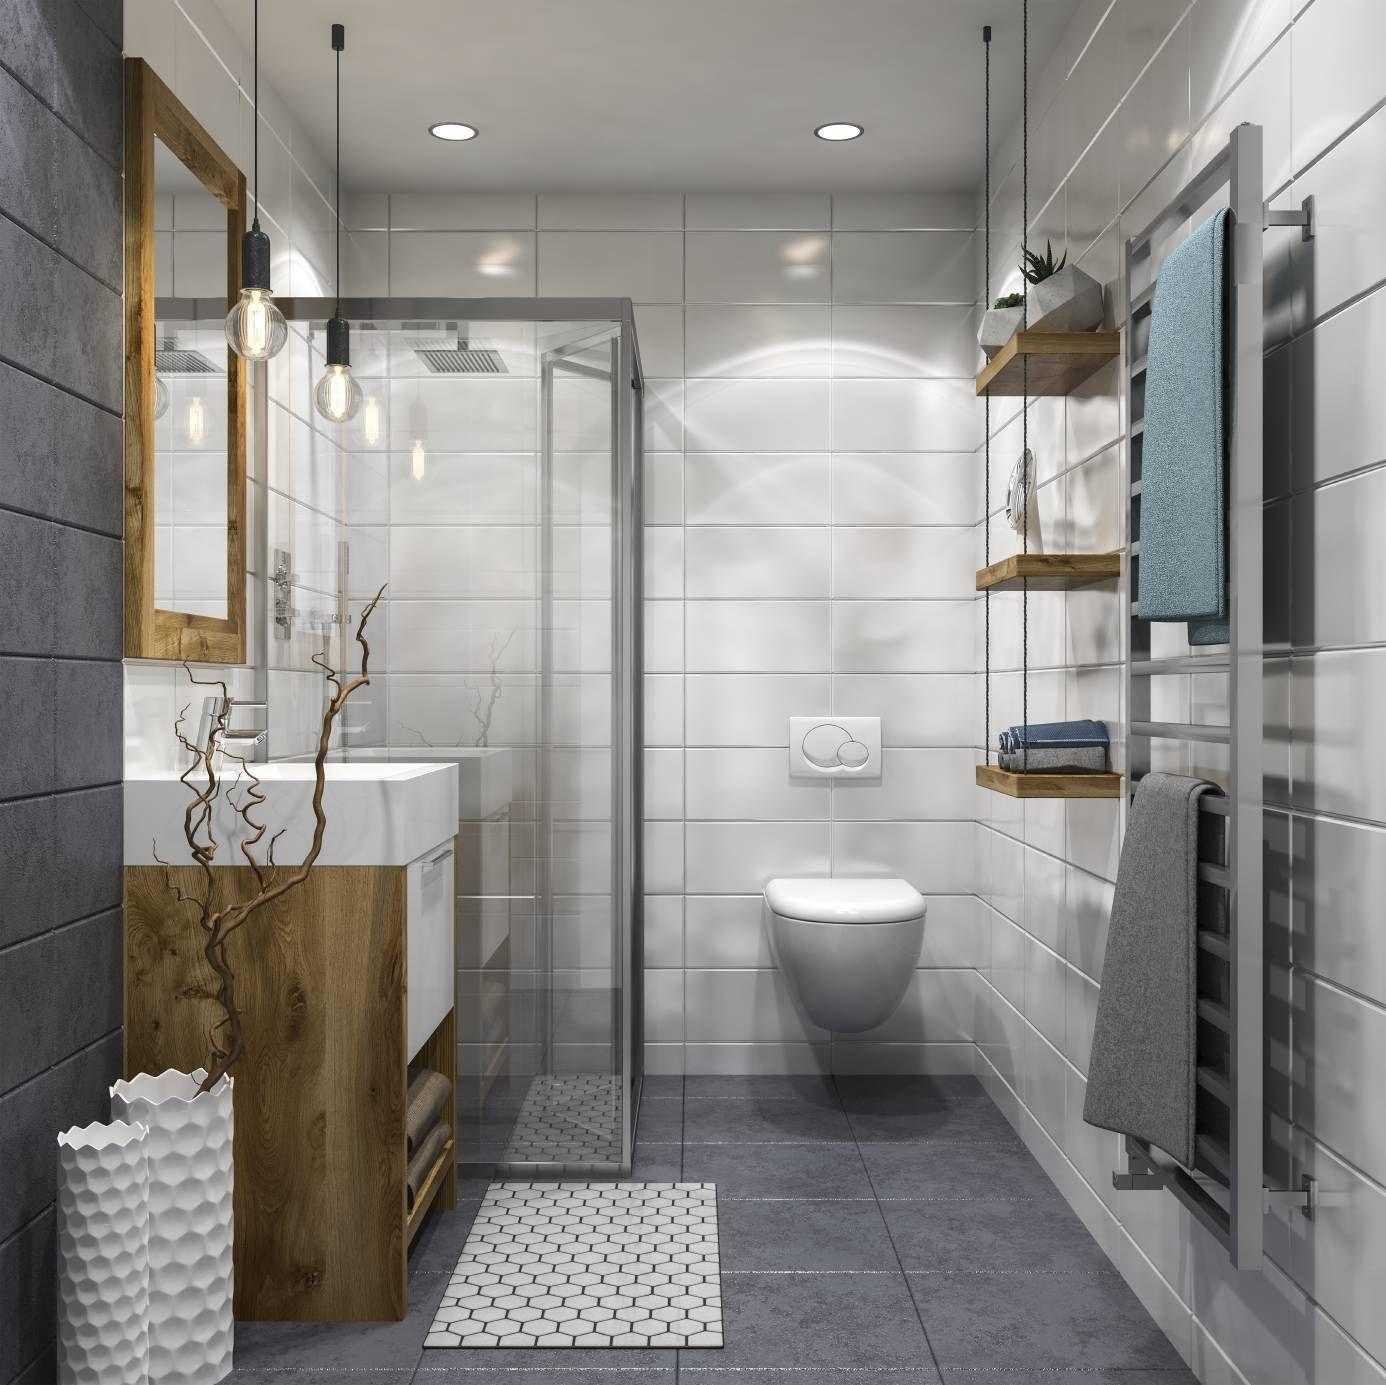 Conseils Pour Léclairage De Votre Salle De Bain Salle De Bains - Salle de baine